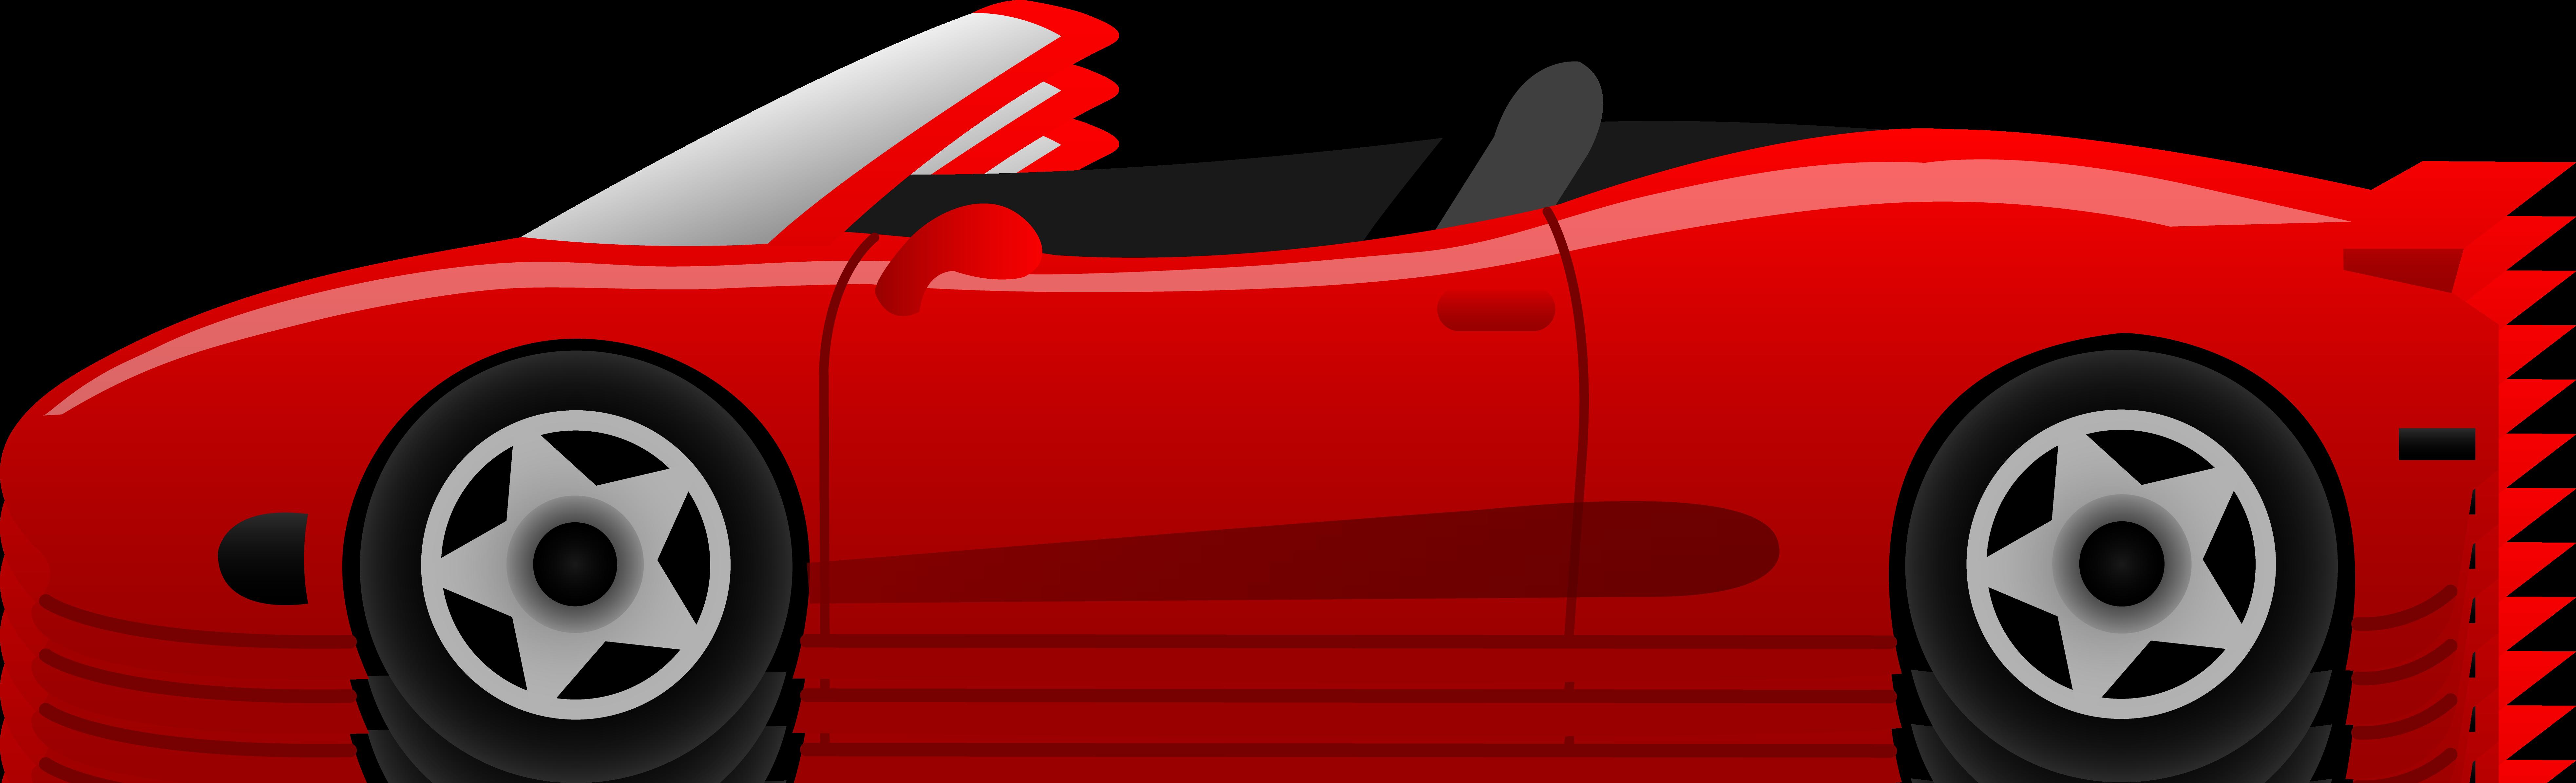 7863x2391 Vehicle Clipart Automobile